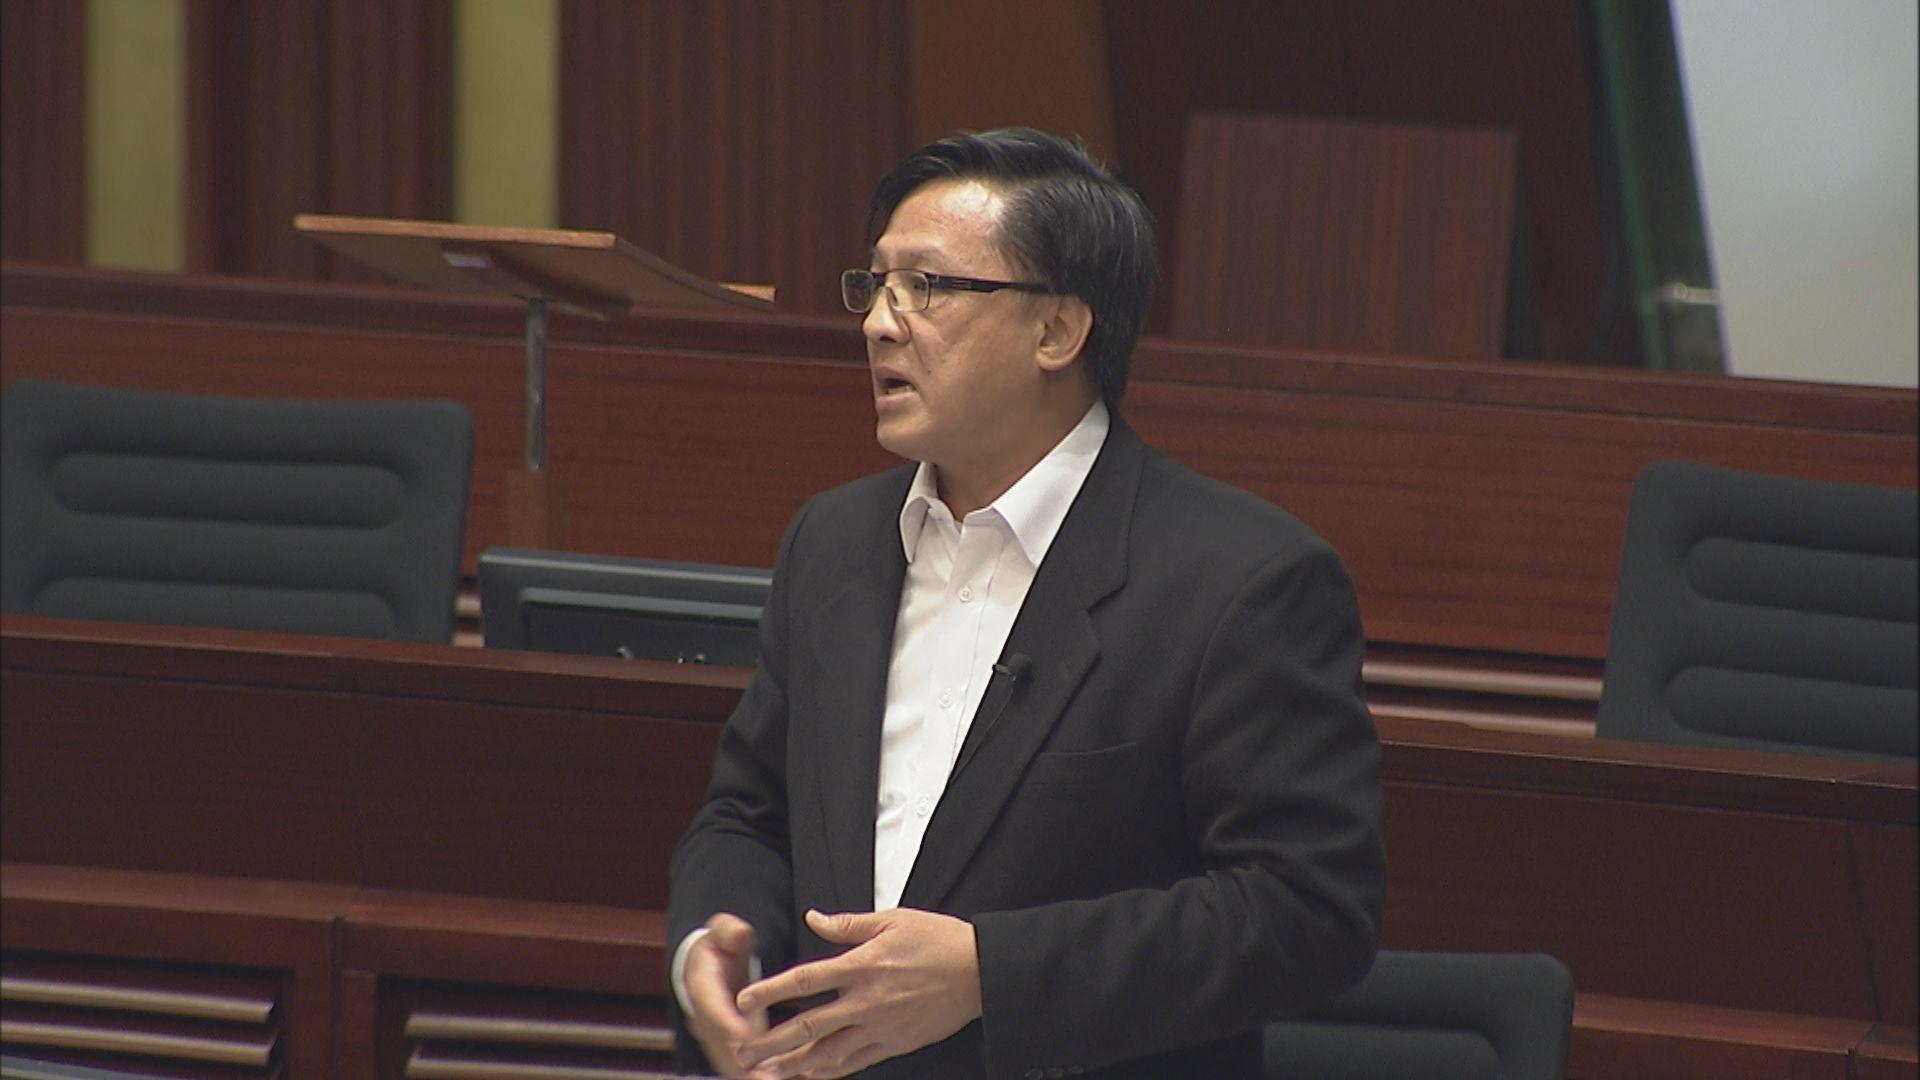 何君堯譴責議案因無人反對 交付內會成立專責委員會